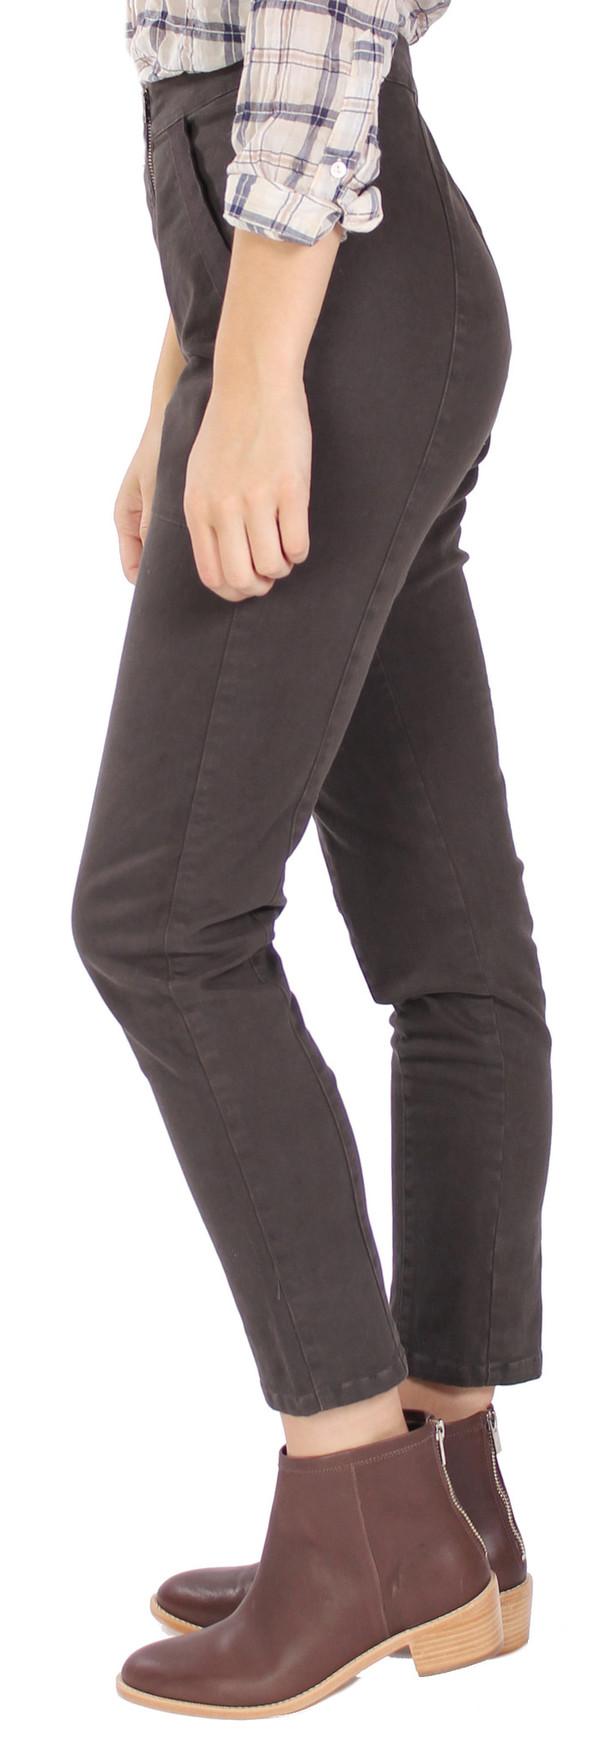 Dancehall Legging in Graphite